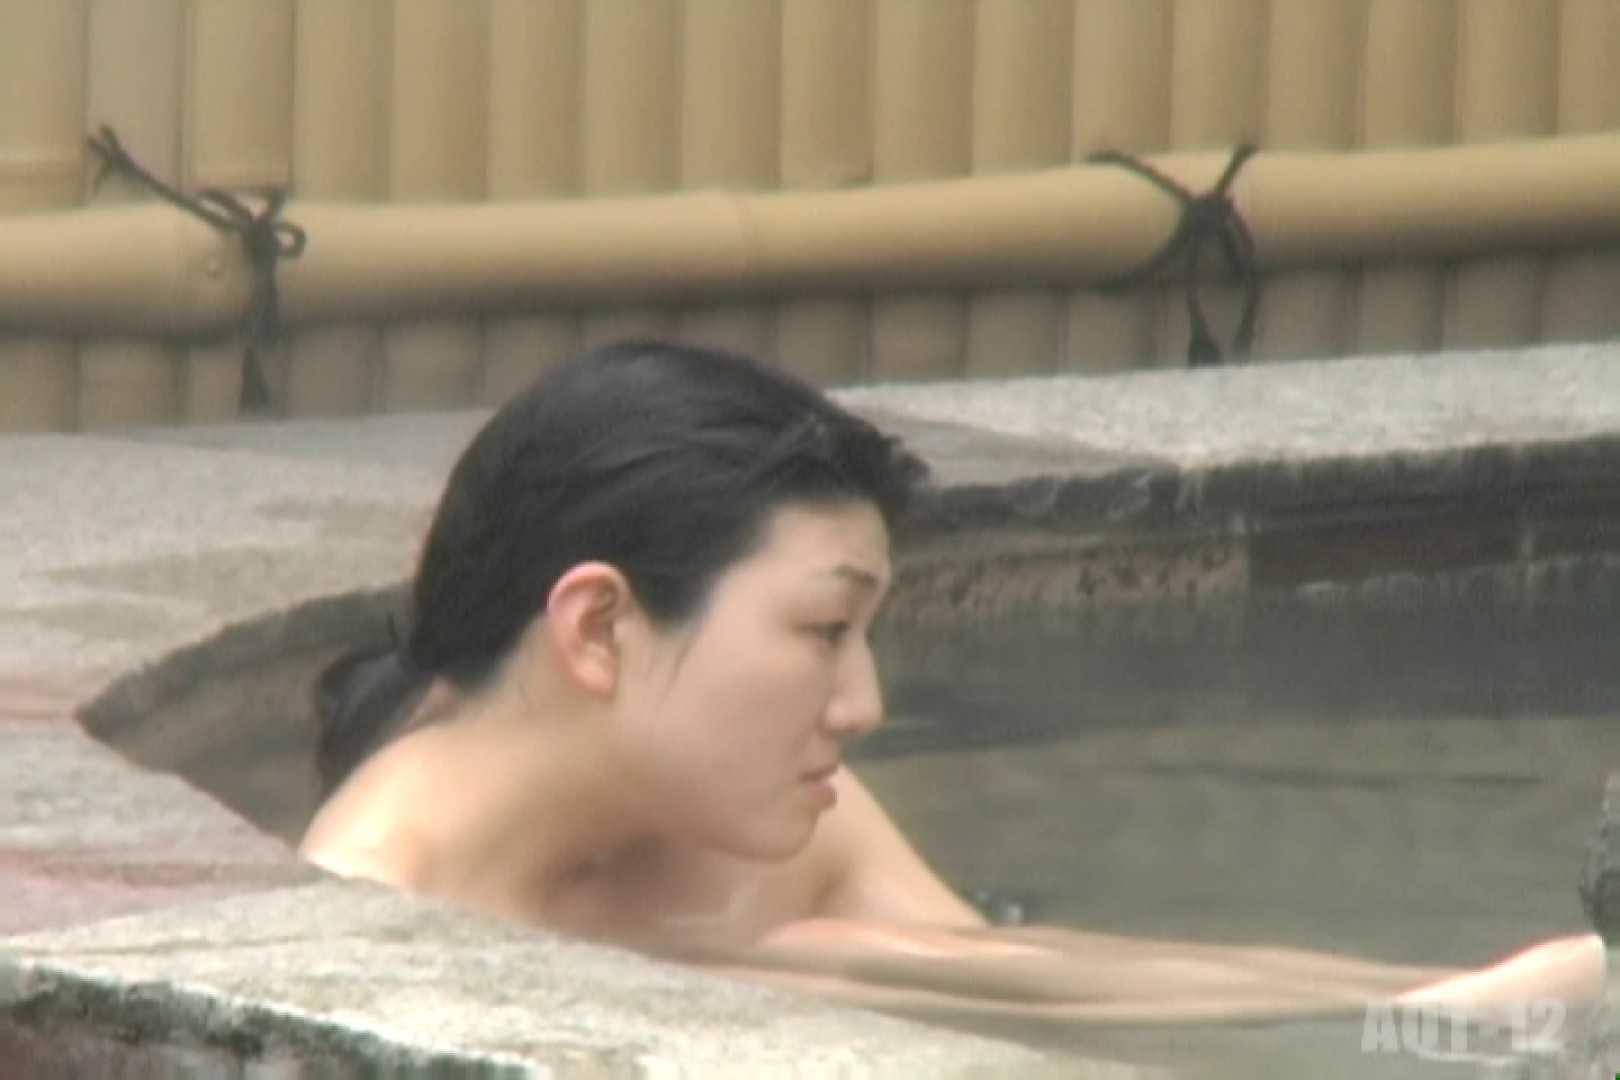 Aquaな露天風呂Vol.810 盗撮 性交動画流出 58画像 23